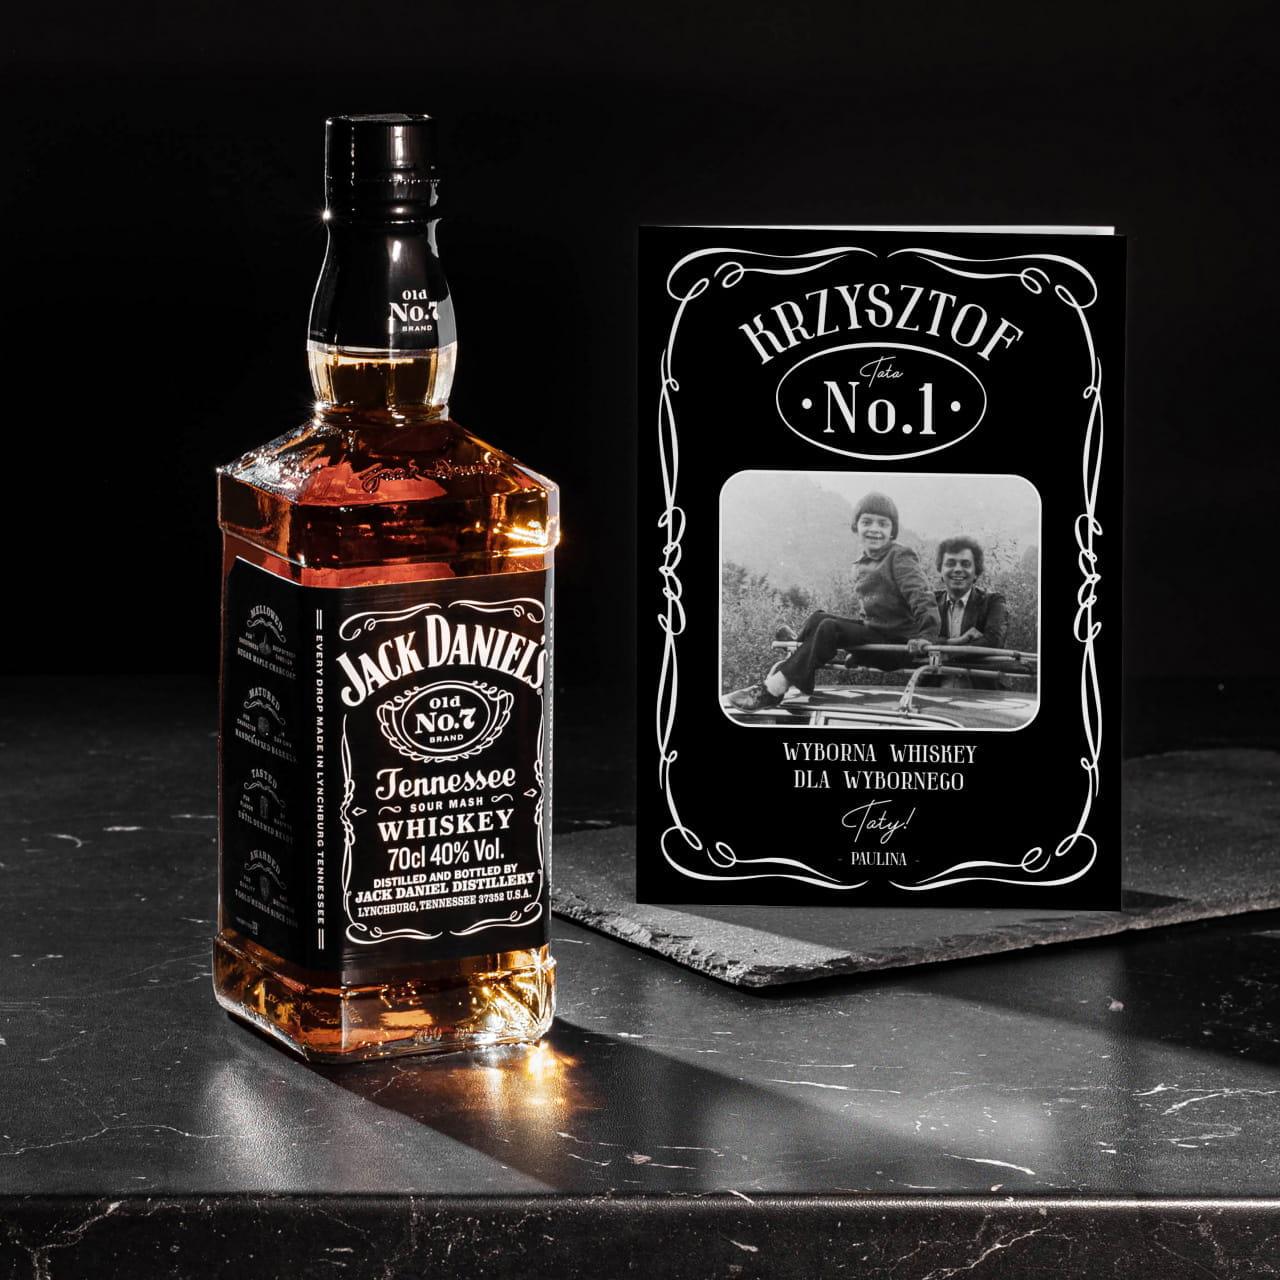 Whiskey JACK DANIEL'S + kartka ze zdjęciem